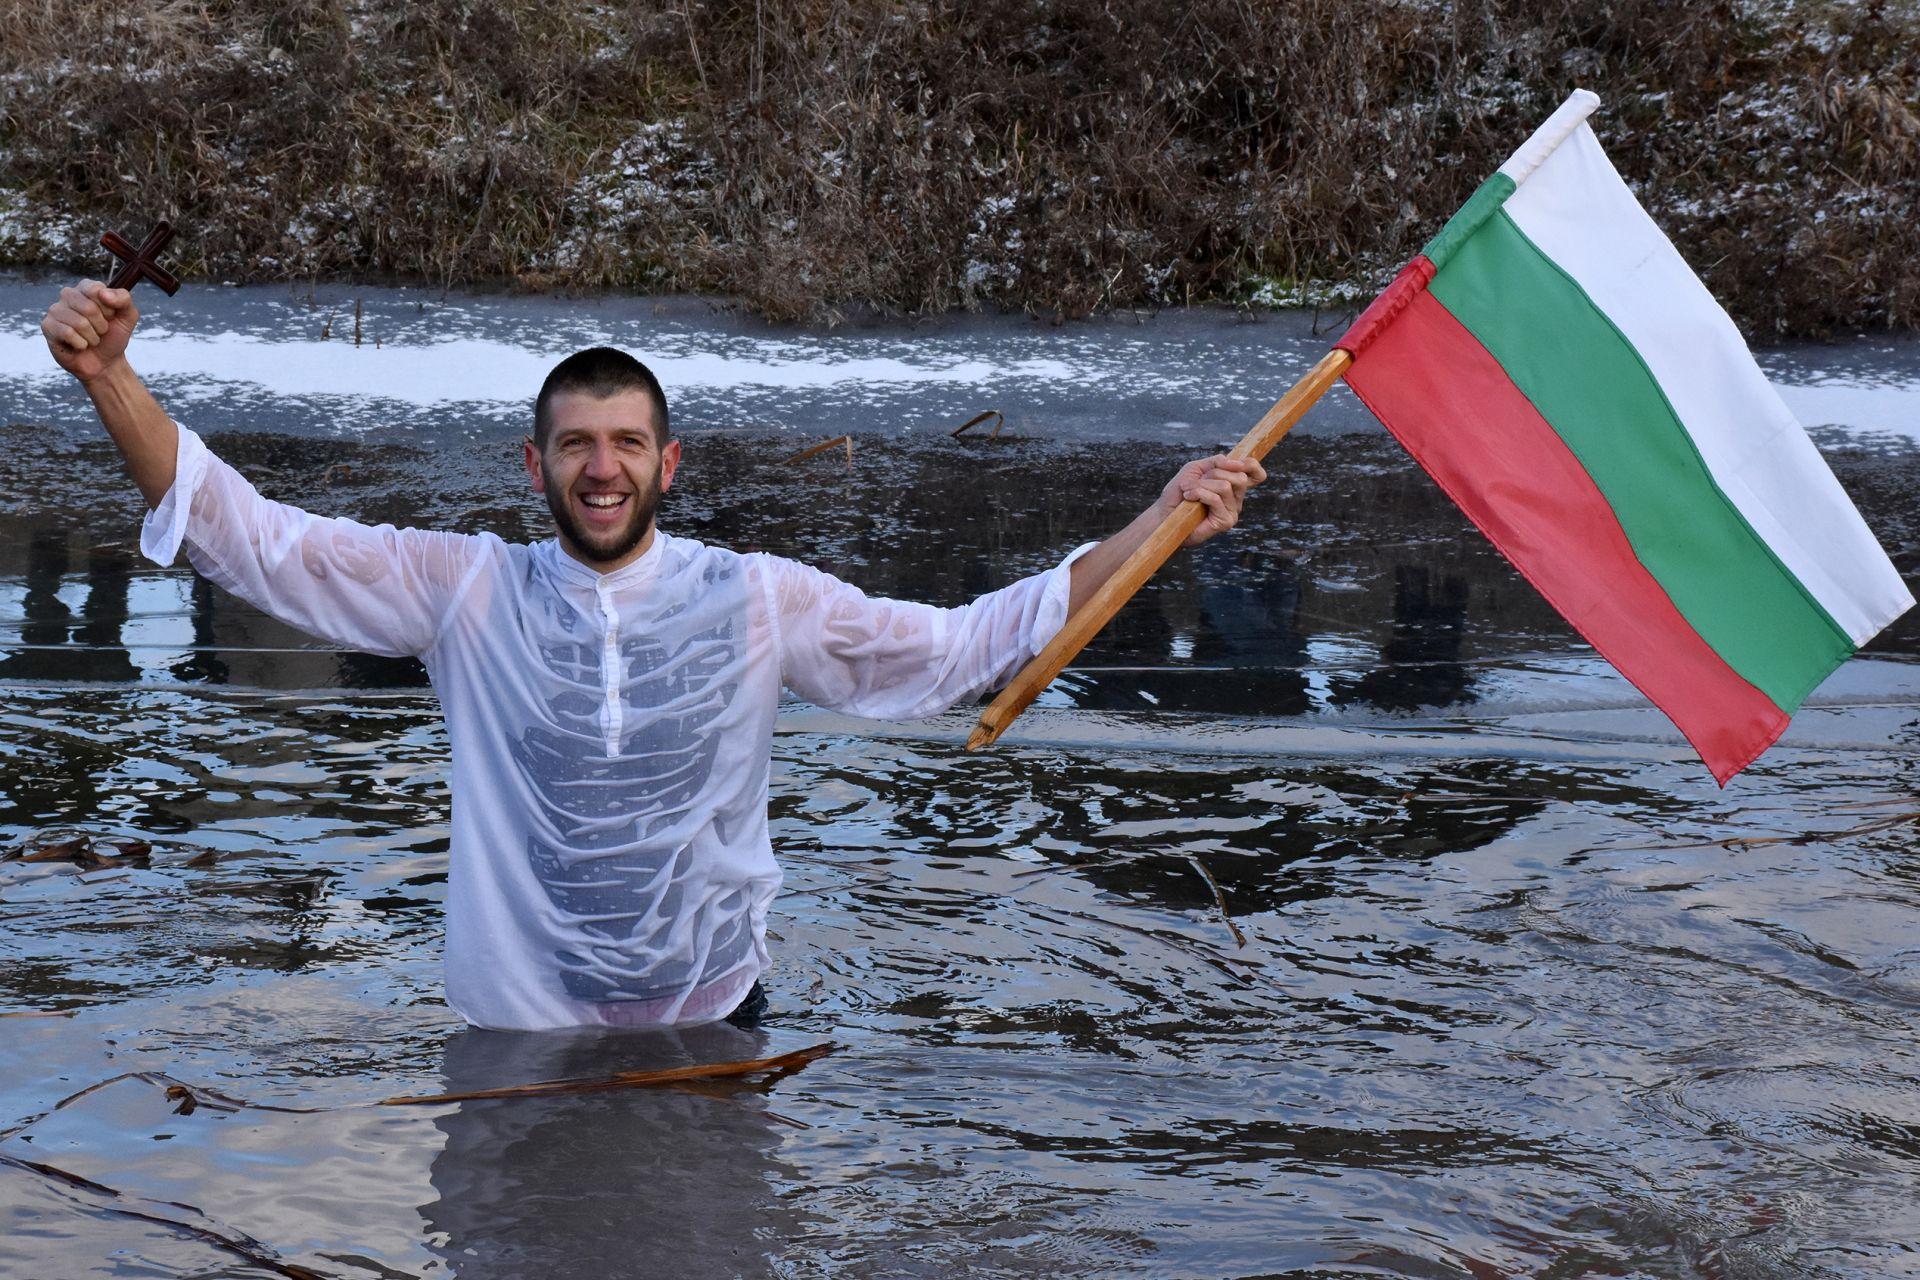 31-годишният Евгени Александров хвана за поредна година Богоявленският кръст в ледените води на река Лесновска в Елин Пелин